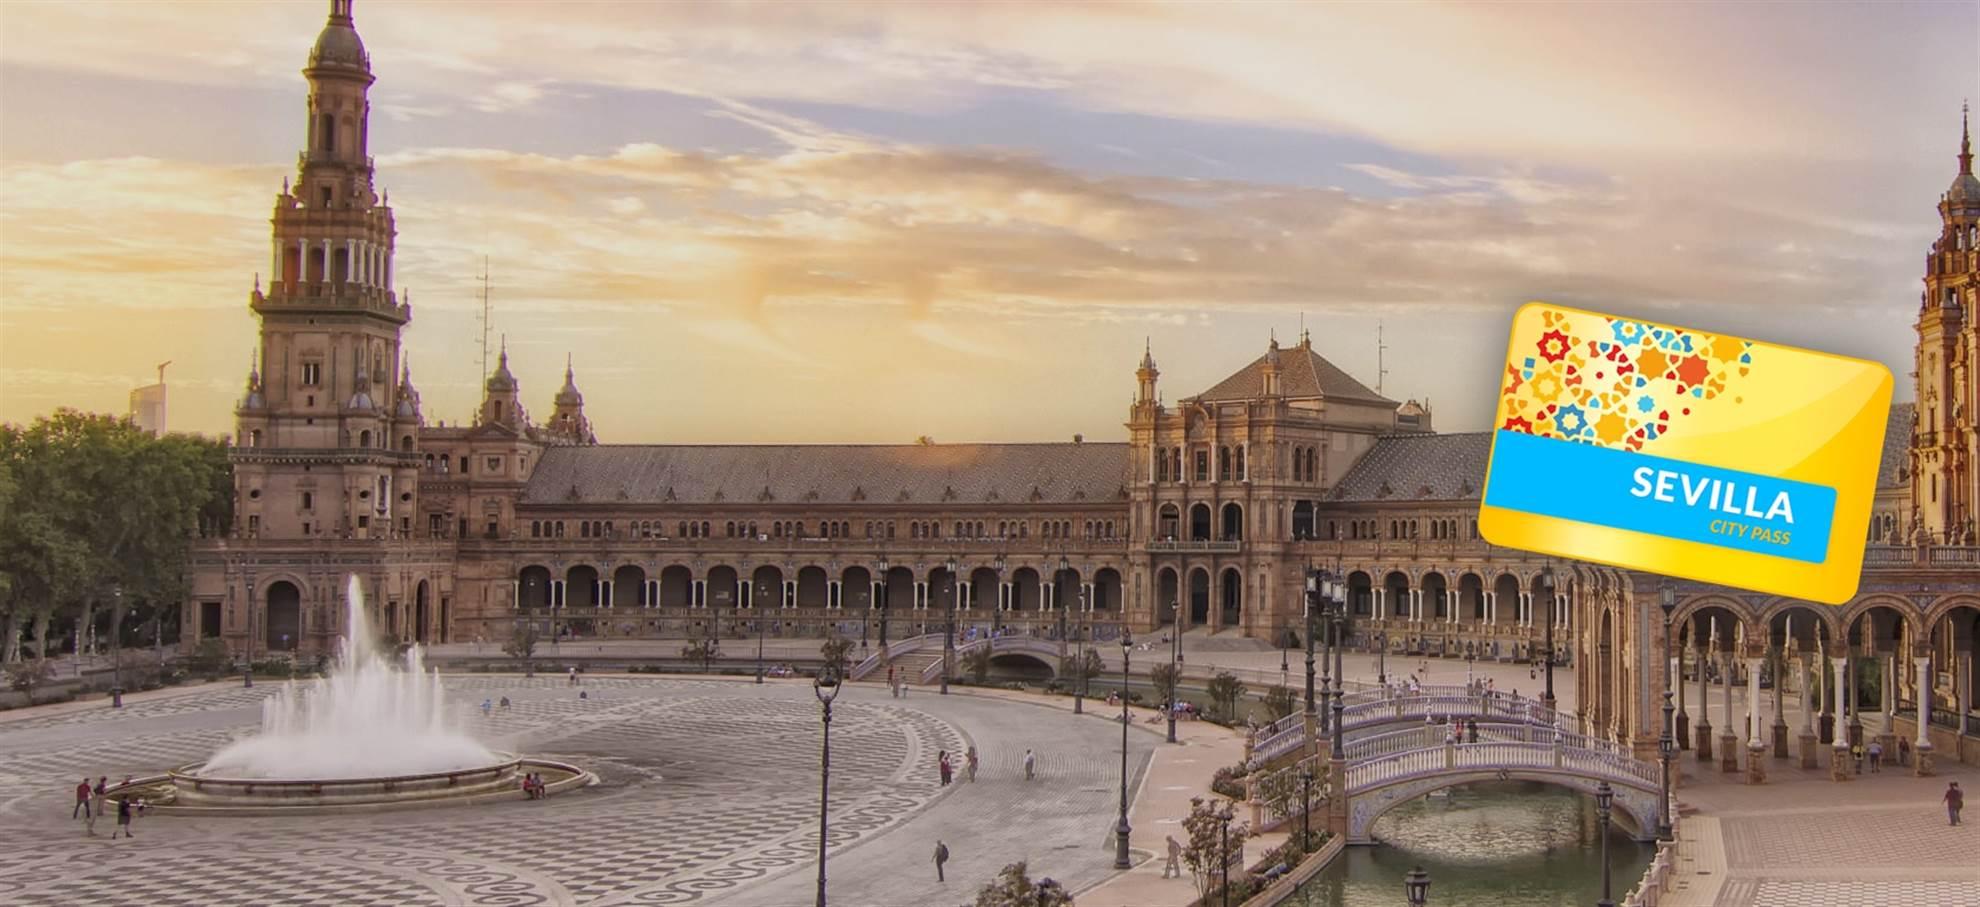 Pase de la ciudad de Sevilla (Palacio Alcázar y Catedral)